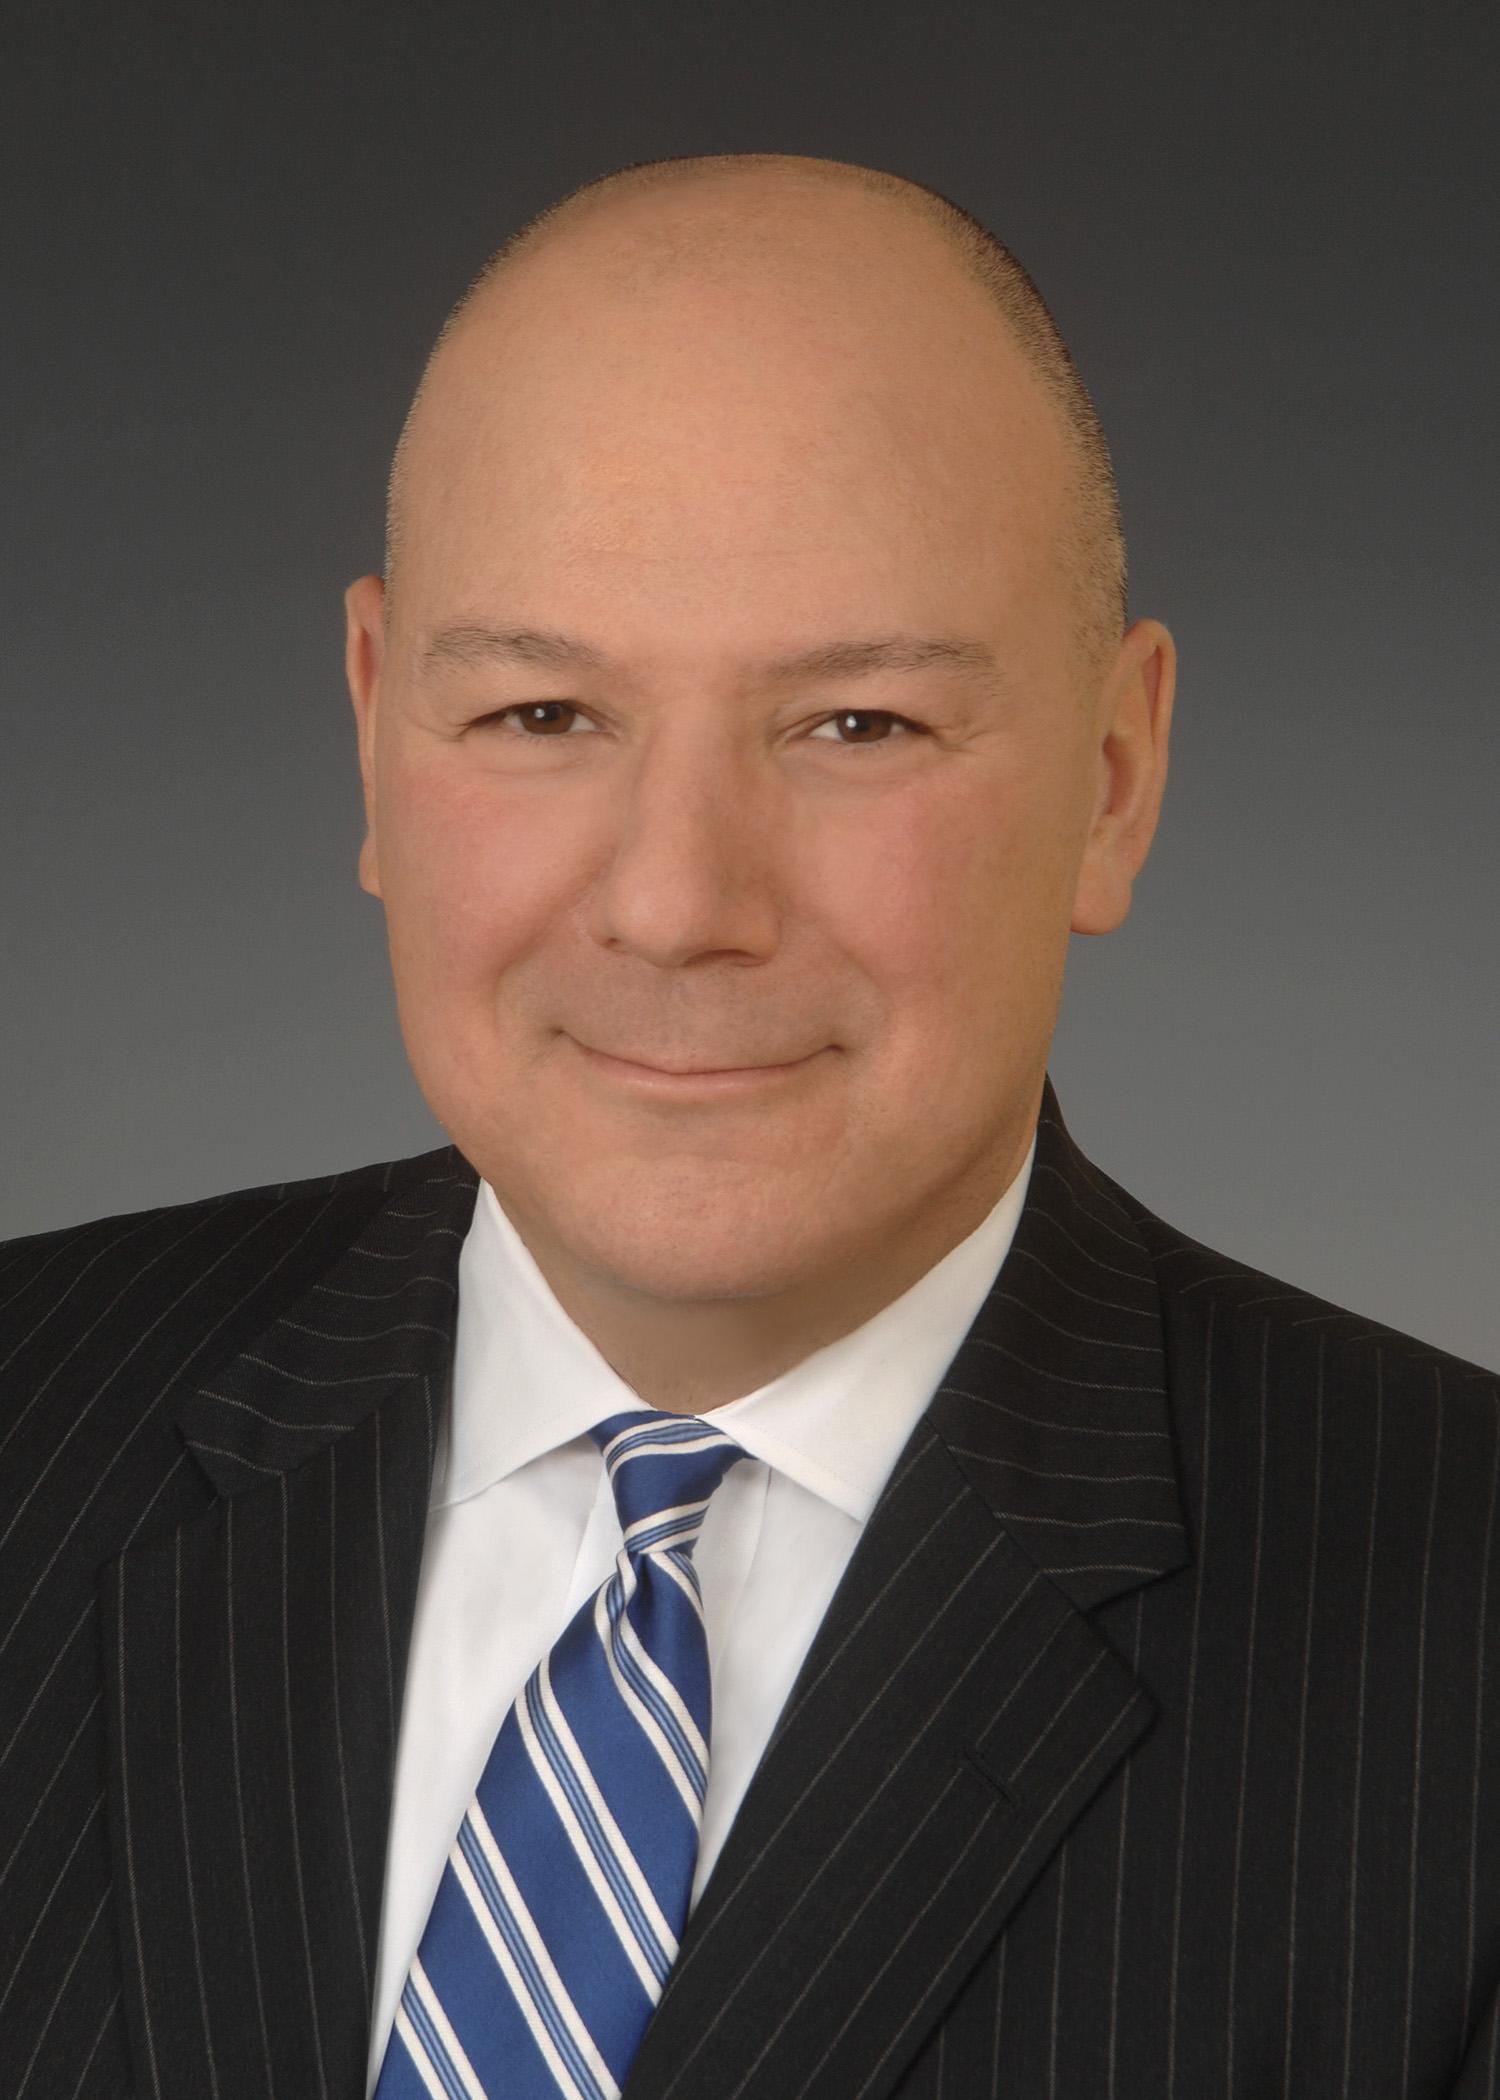 William C. Tsonos Headshot